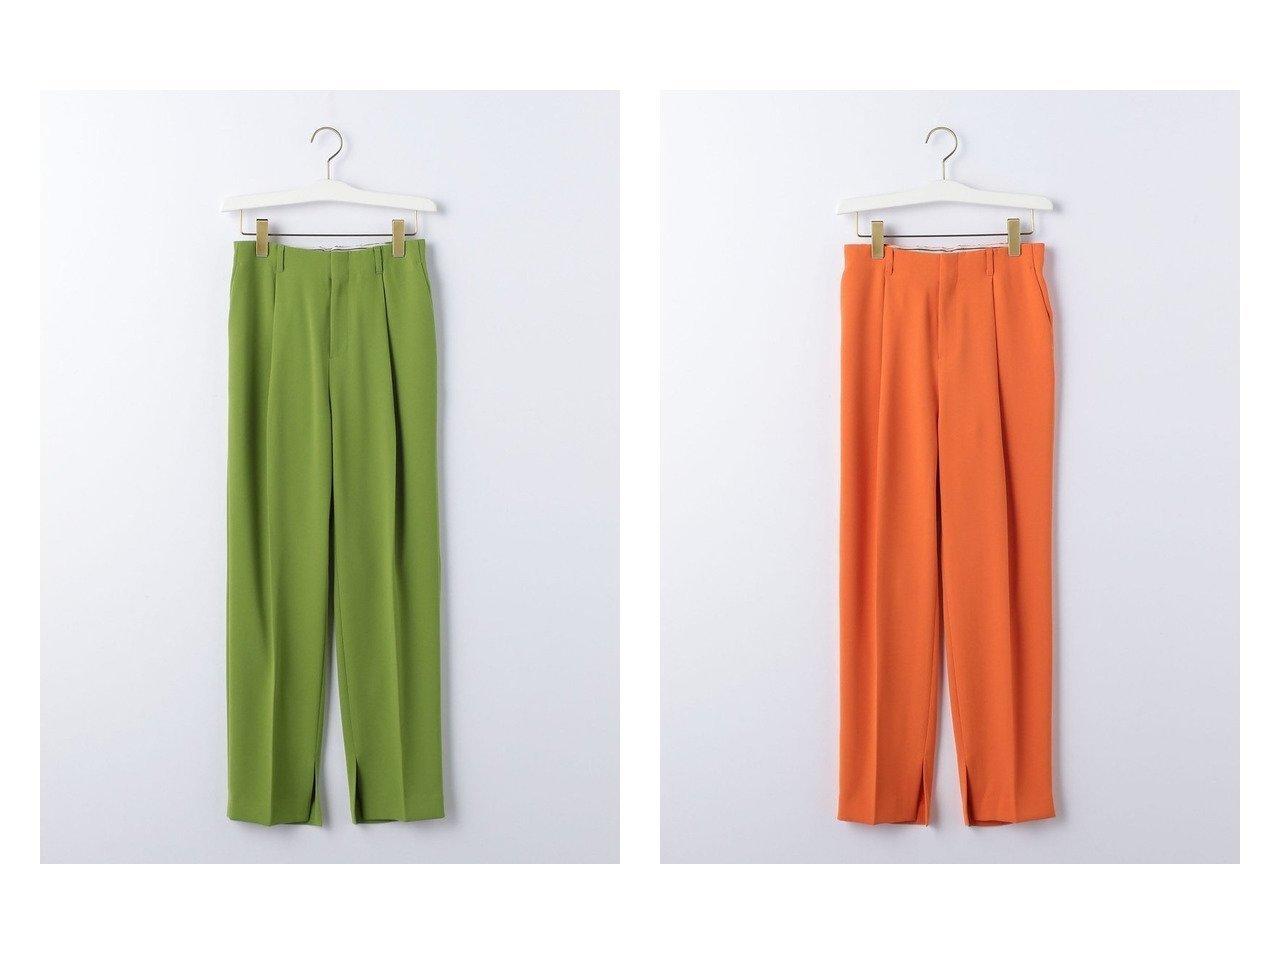 【green label relaxing / UNITED ARROWS/グリーンレーベル リラクシング / ユナイテッドアローズ】の『BRACTMENT(ブラクトメント)』 BM 裾スリット プレスト タックパンツ 【パンツ】おすすめ!人気、トレンド・レディースファッションの通販 おすすめで人気の流行・トレンド、ファッションの通販商品 メンズファッション・キッズファッション・インテリア・家具・レディースファッション・服の通販 founy(ファニー) https://founy.com/ ファッション Fashion レディースファッション WOMEN パンツ Pants オレンジ ジョーゼット ジーンズ スラックス スリット とろみ ツイル 定番 Standard なめらか ネップ ベーシック リネン 2021年 2021 S/S・春夏 SS・Spring/Summer 2021春夏・S/S SS/Spring/Summer/2021 |ID:crp329100000028648